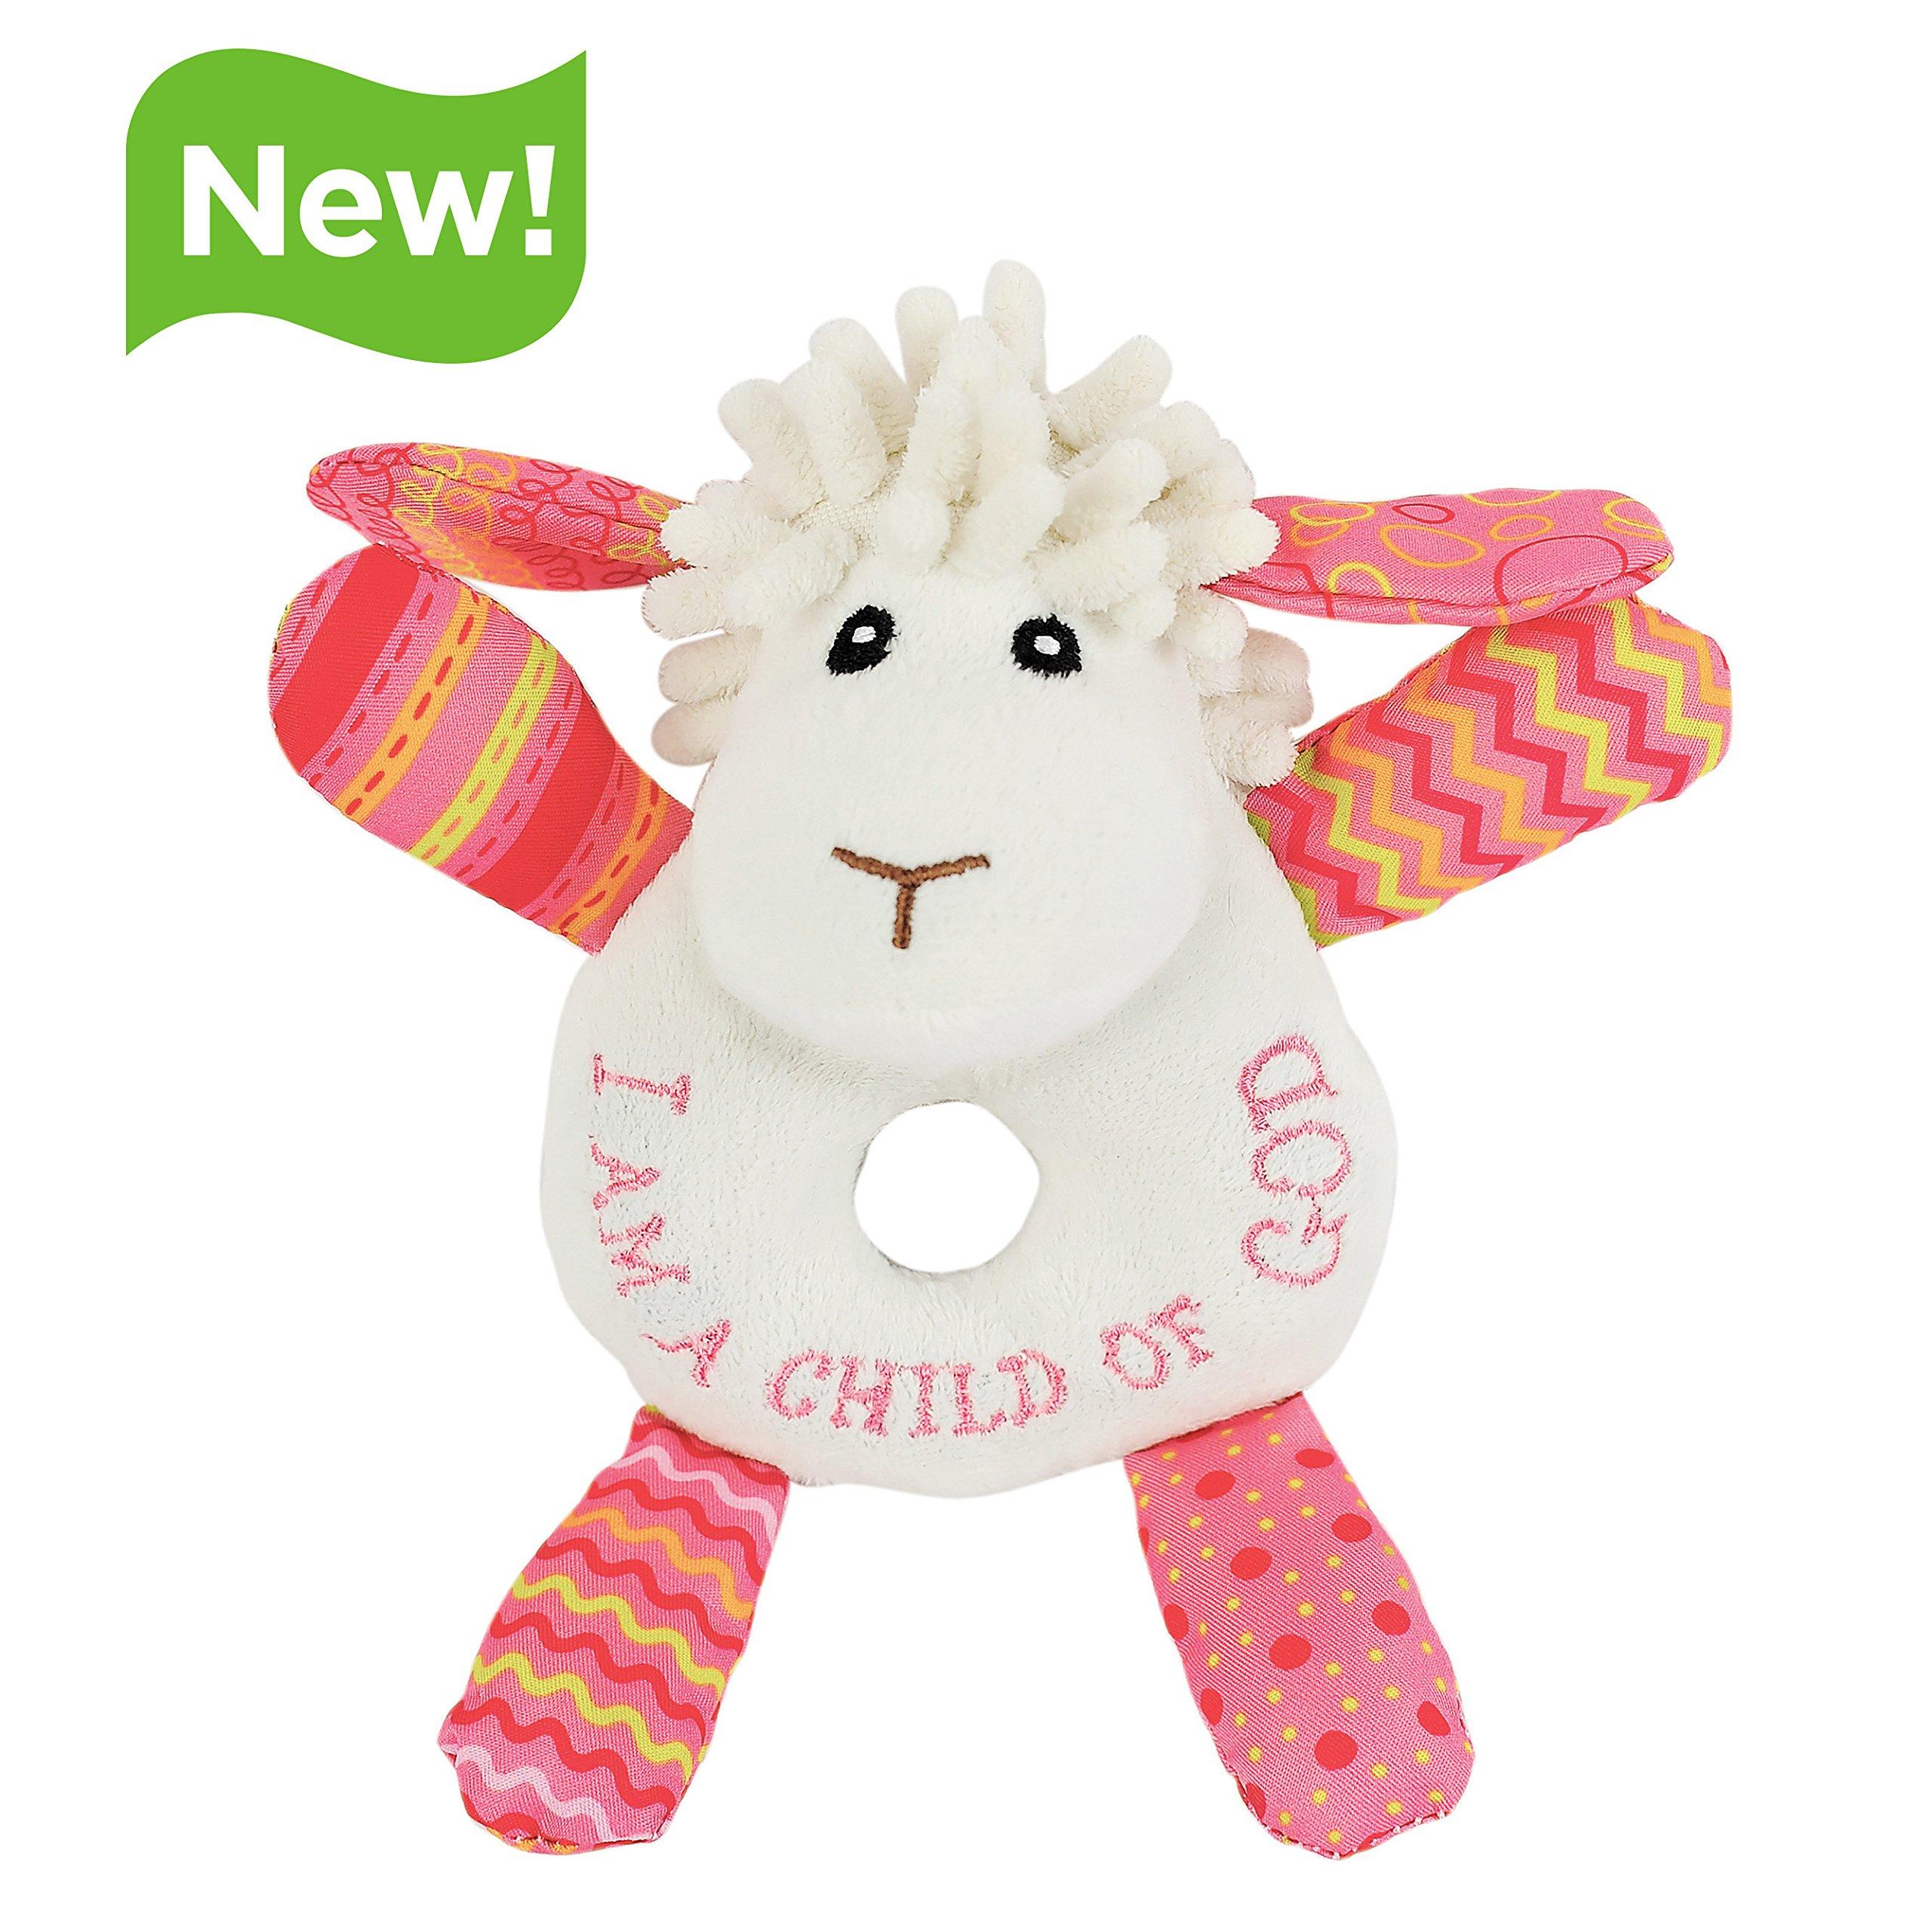 Lil' Prayer Buddy Lucy the Little Lamb Child of God Pink Plush Stuffed Animal